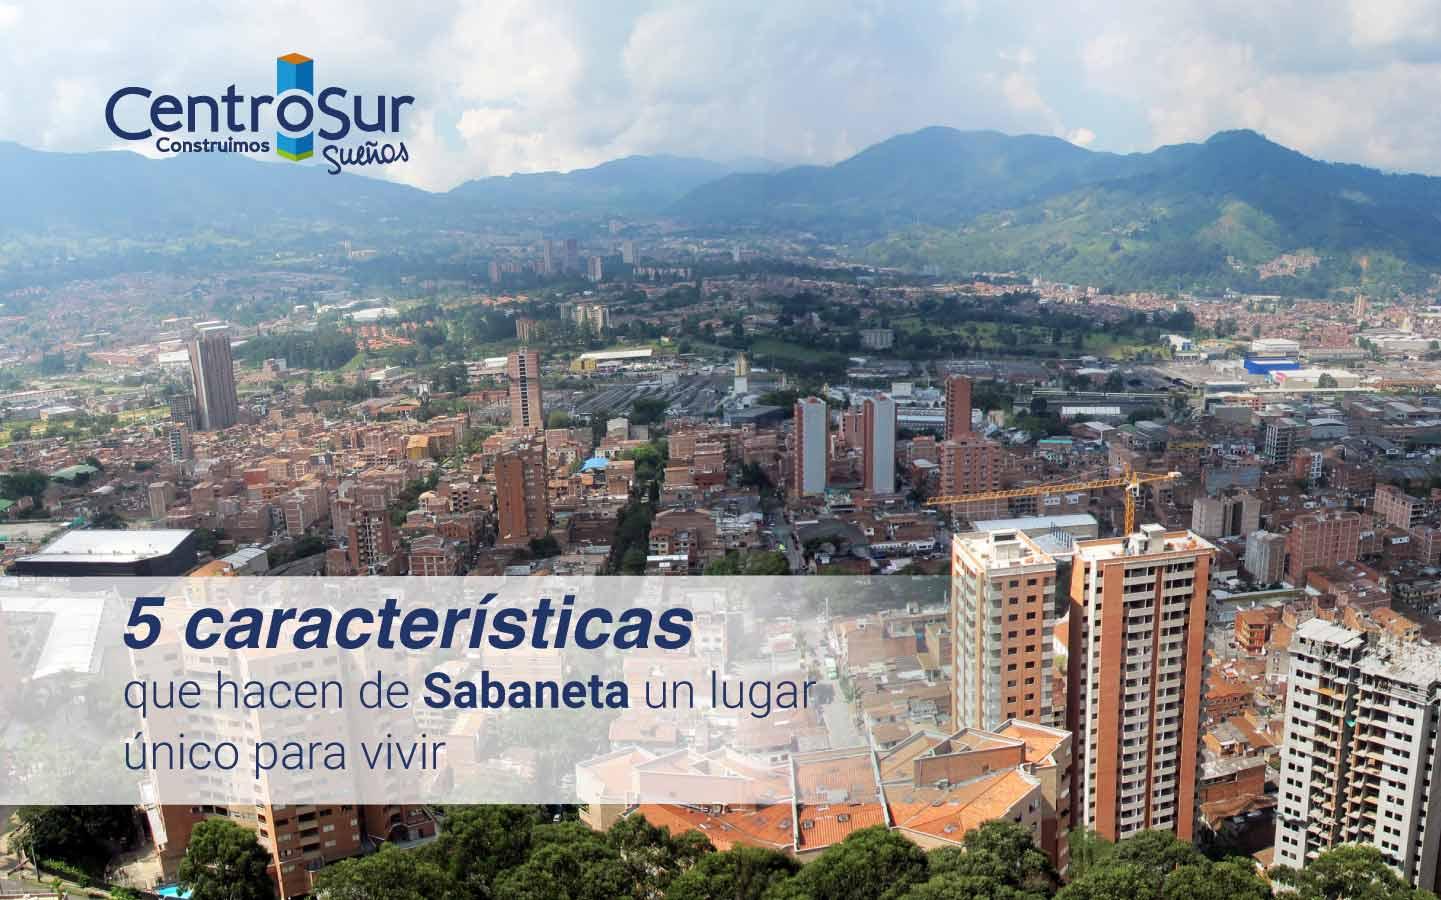 5 características que hacen de Sabaneta un lugar único para vivir